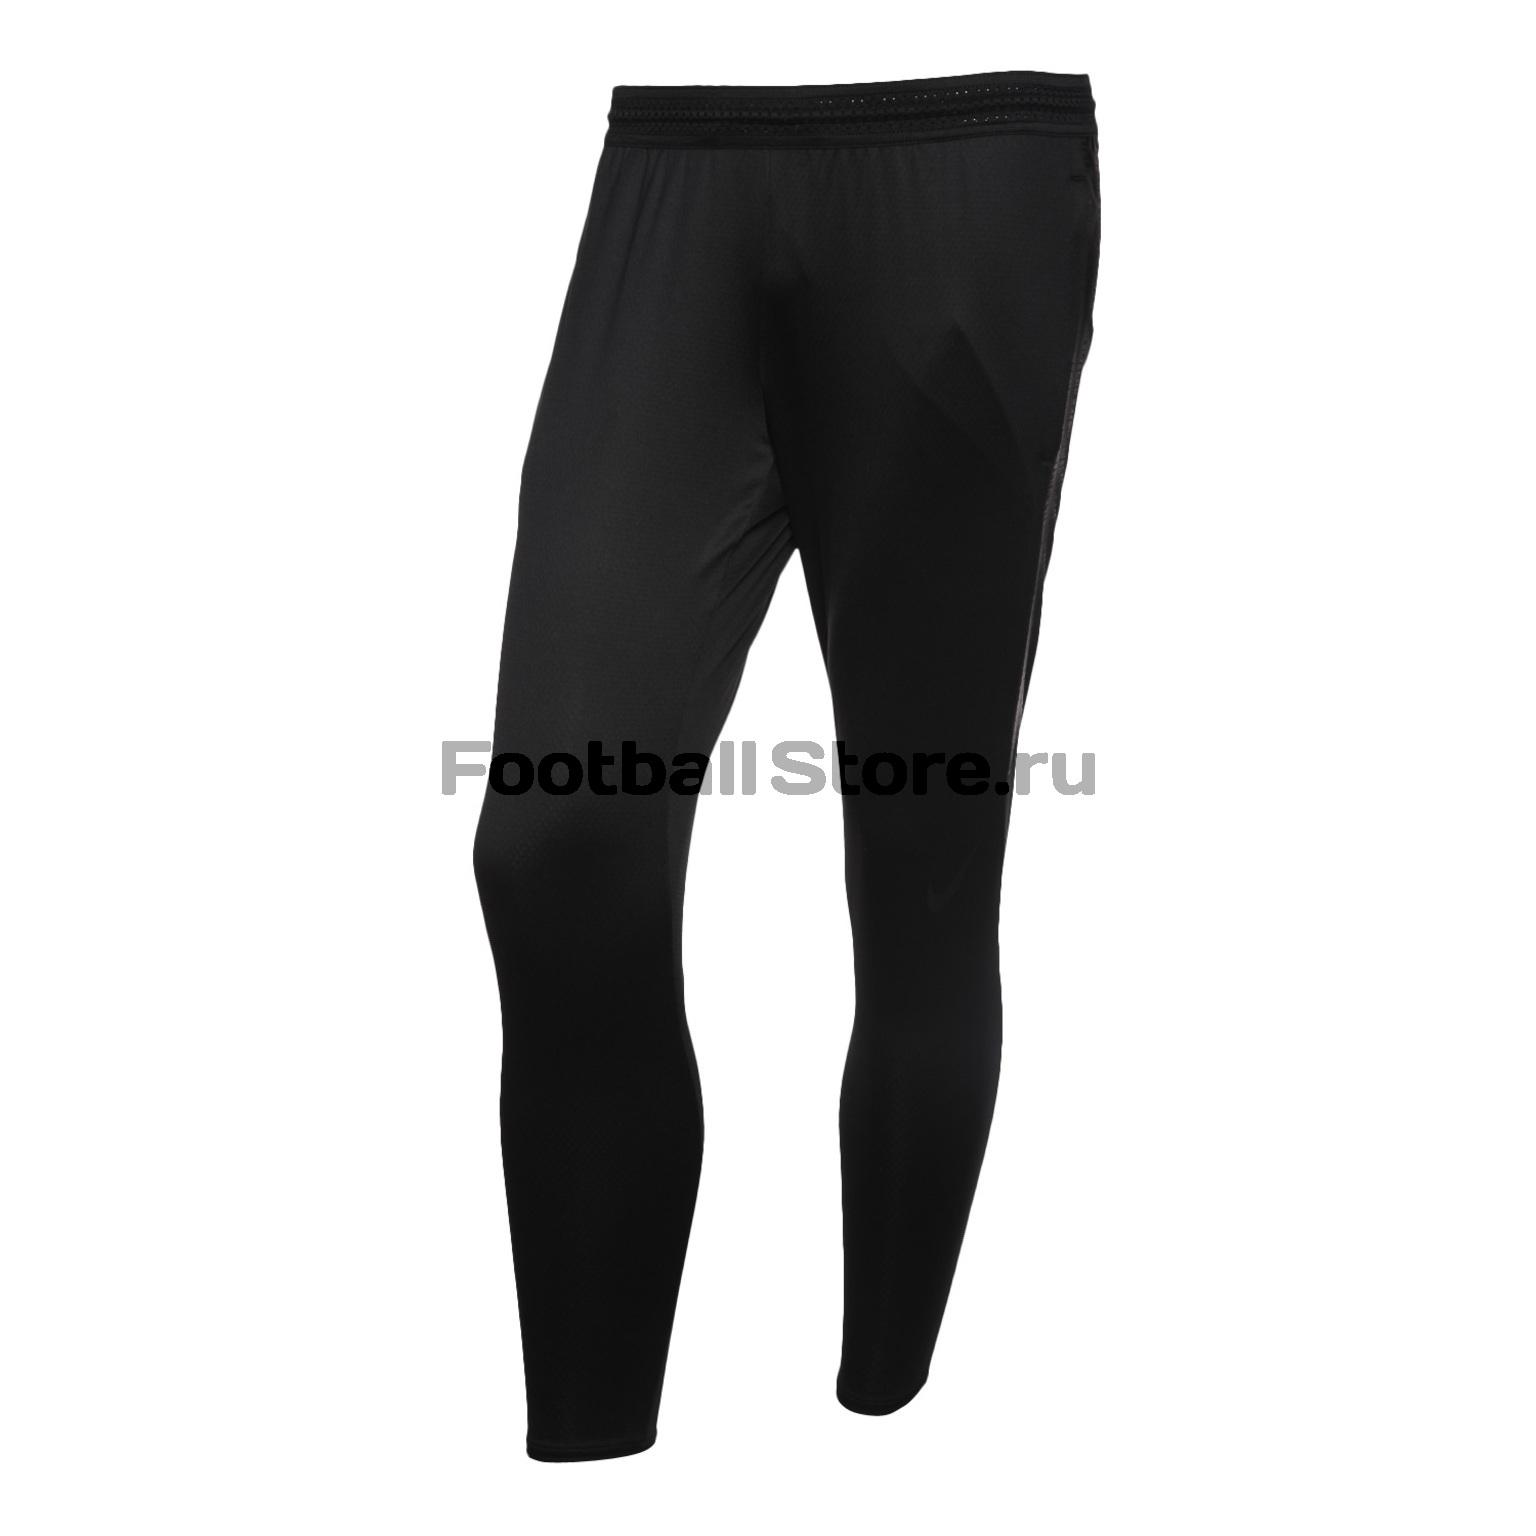 Брюки тренировочные Nike Strike Flex Football Pants 902586-014 nike брюки тренировочные nike strike pnt wp wz 688393 011